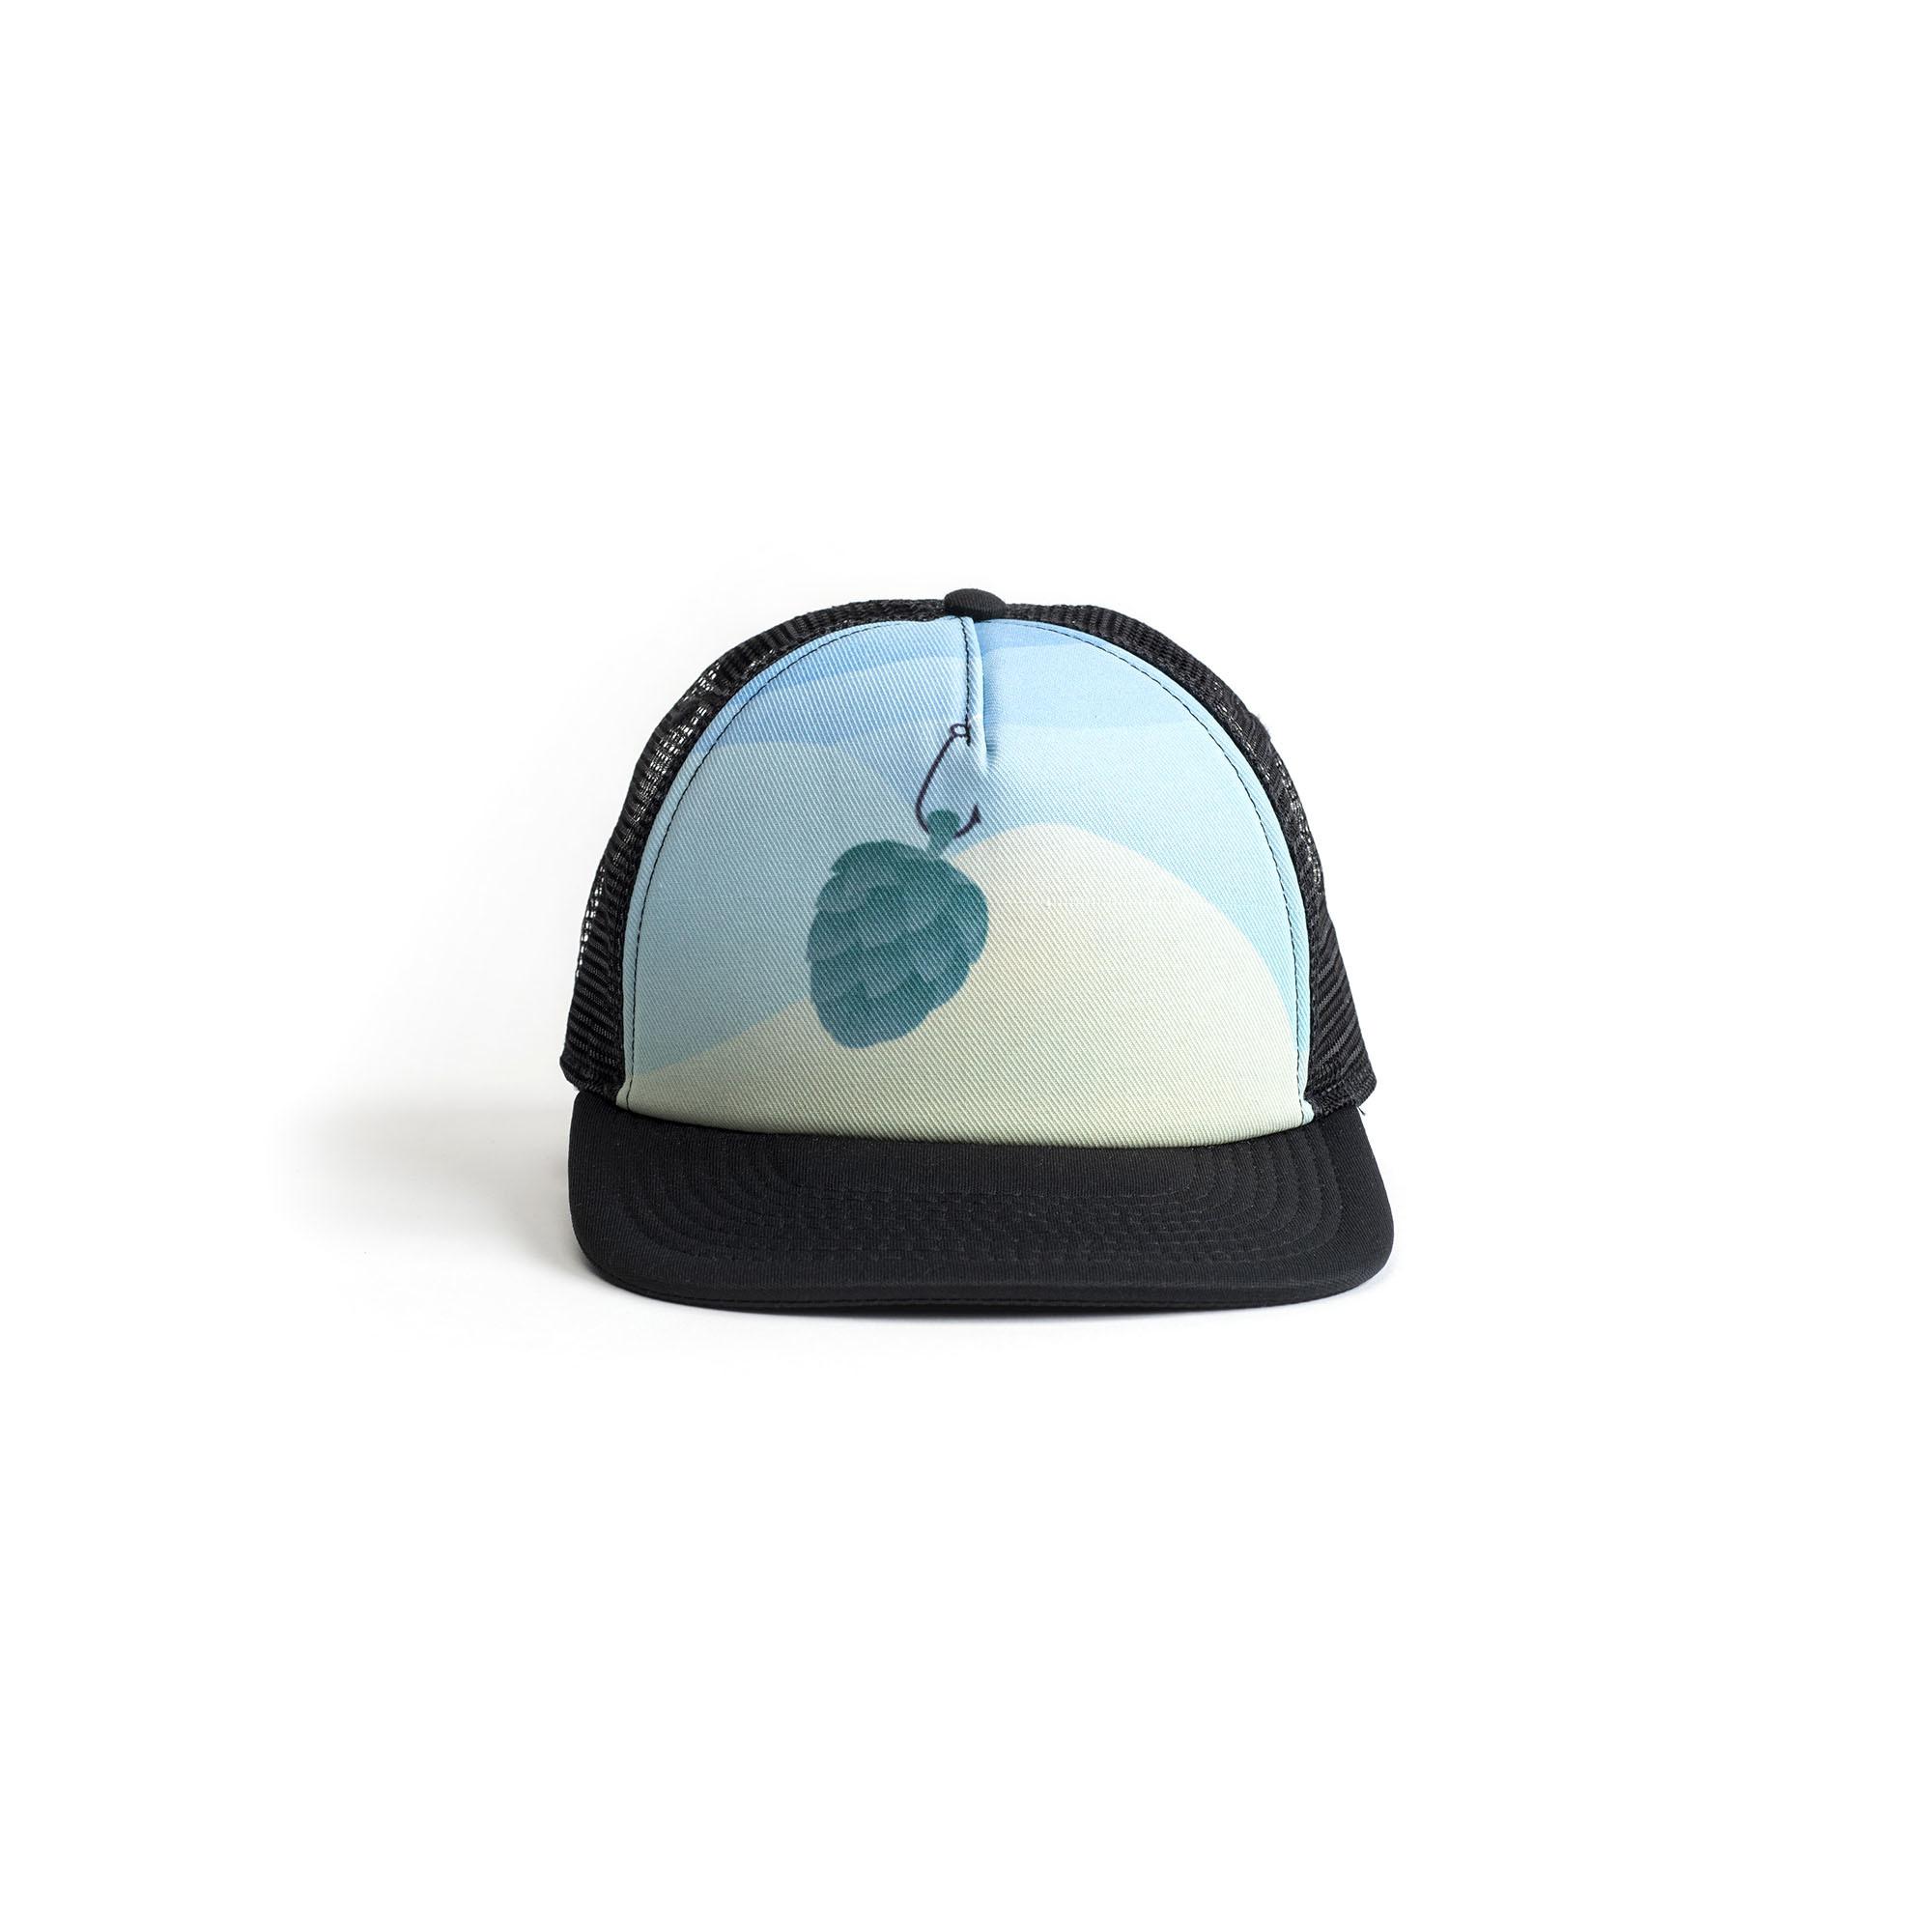 CAP 20